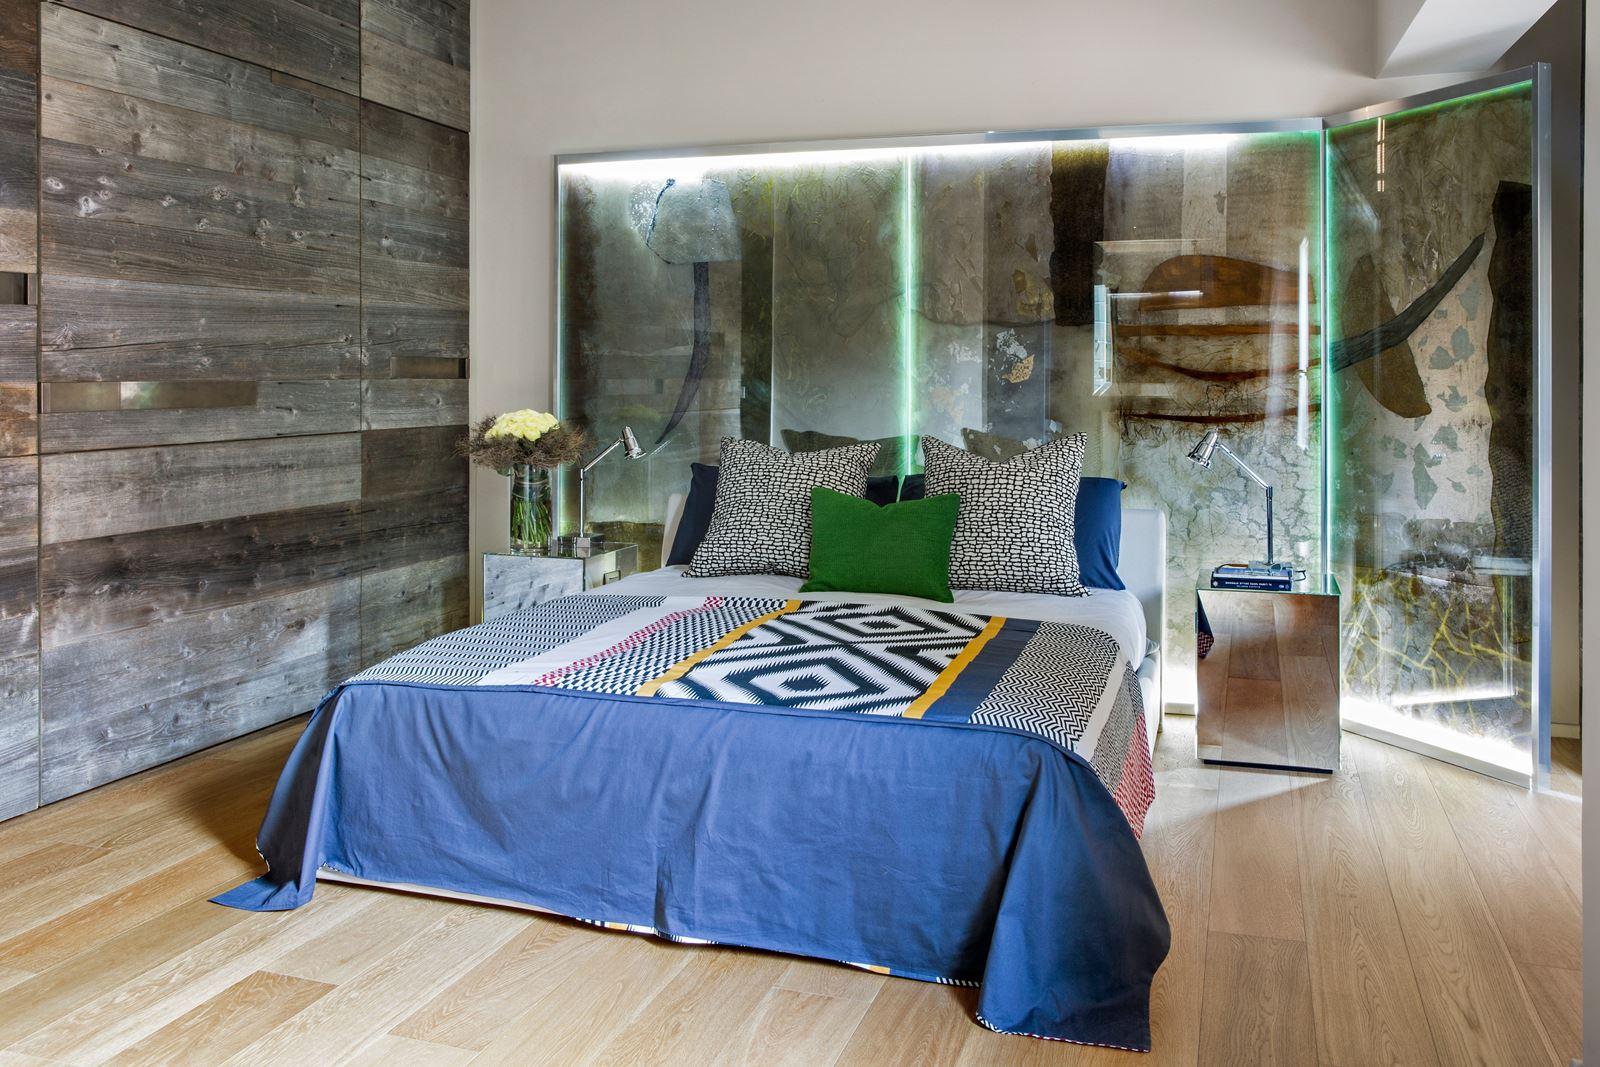 bagno è molto suggestivo grazie al contrasto tra il tetto inclinato ...